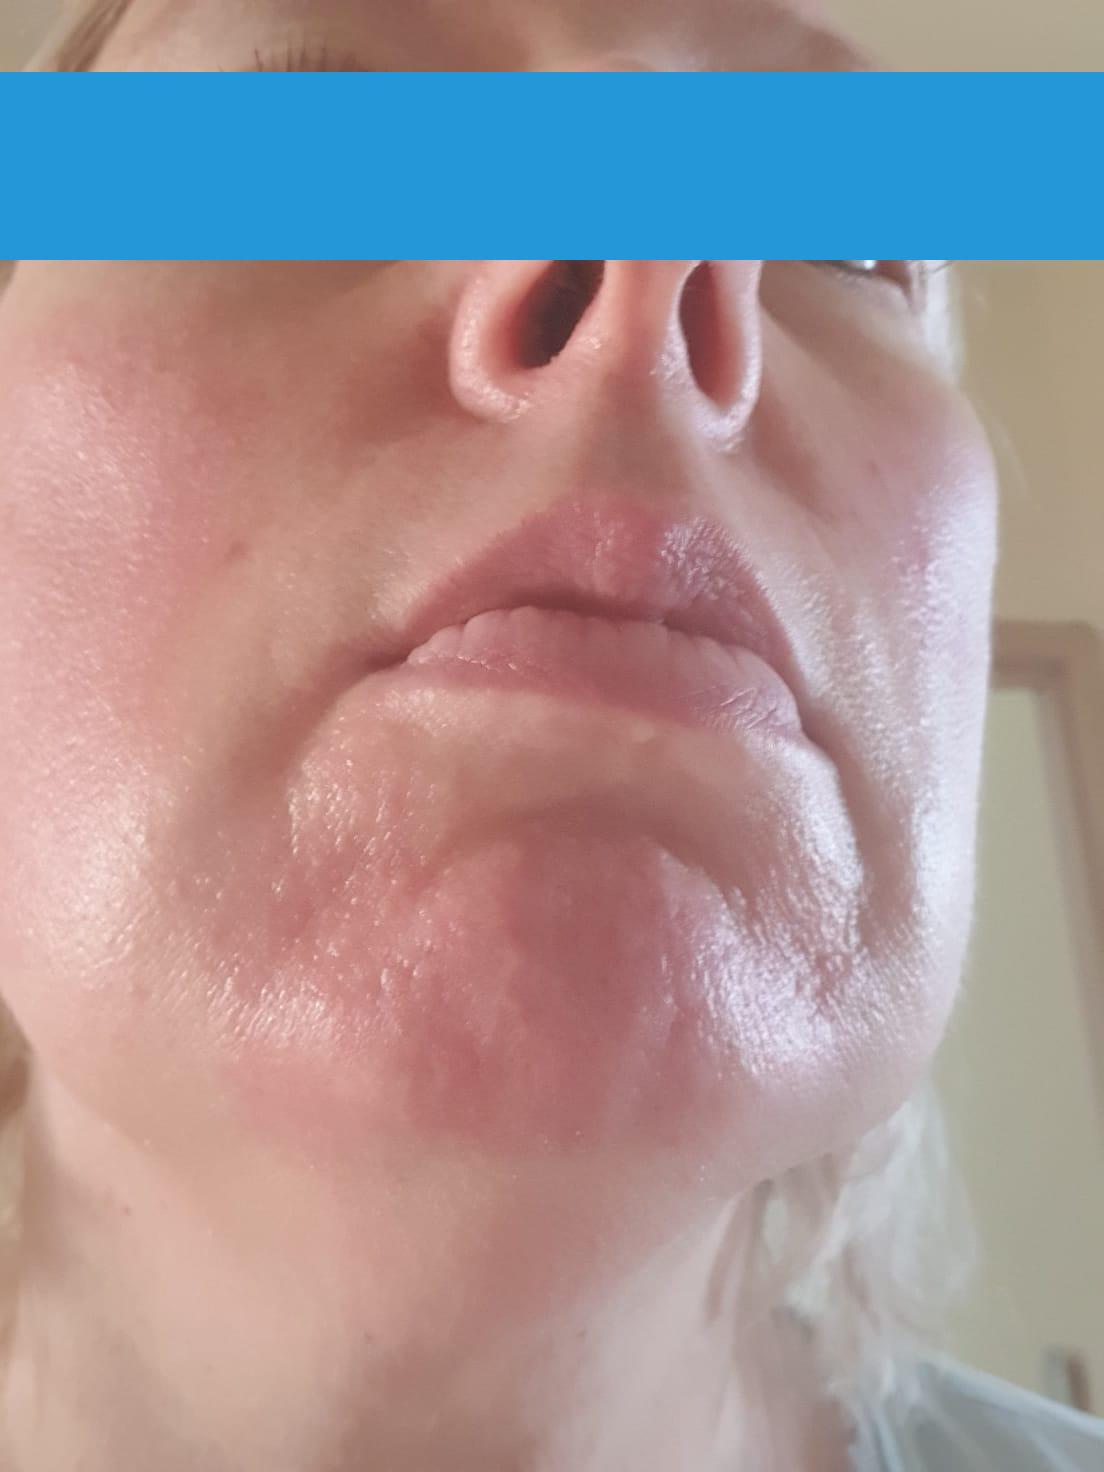 Laser frakcyjny CO2 Laser frakcyjny - odmładzanie twarzy, usuwanie blizn i zmarszczek Nysa